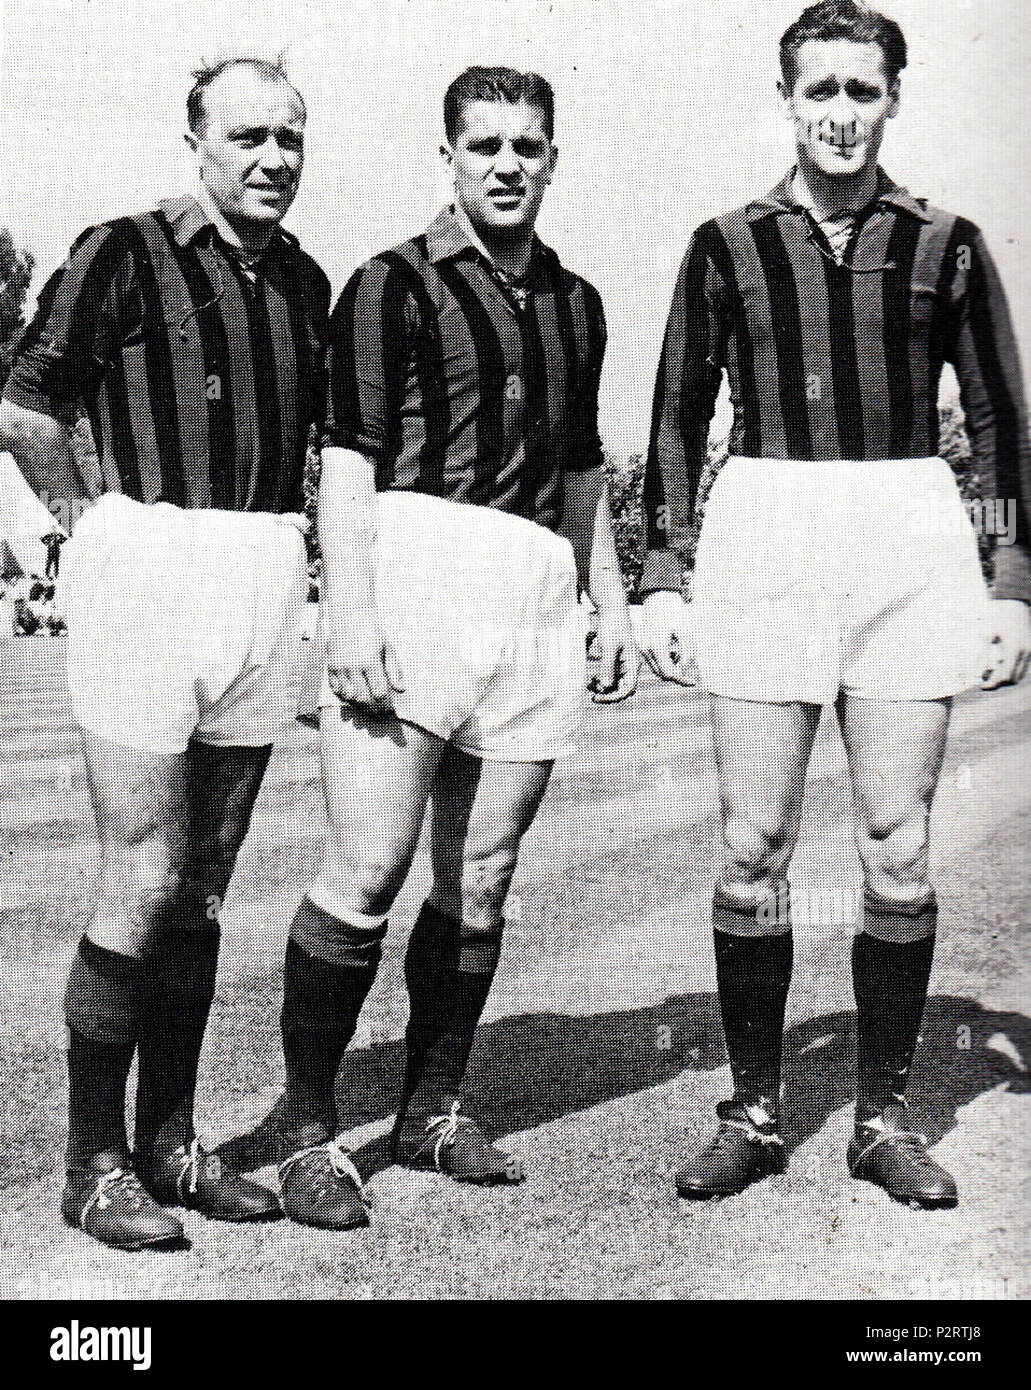 . Italiano: I calciatori svedesi Gunnar Gren (a sinistra), Gunnar Nordahl (al centro) e Nils Liedholm (a destra), il trio d'attacco 'Gre-No-li' nei primi anni del Milan 50 del XX secolo. Entre 1949 et 1953. Inconnu 1 1950 AC Milan's trio suédois de Gre-No-Li (Gren, Nordahl et Liedholm) Photo Stock